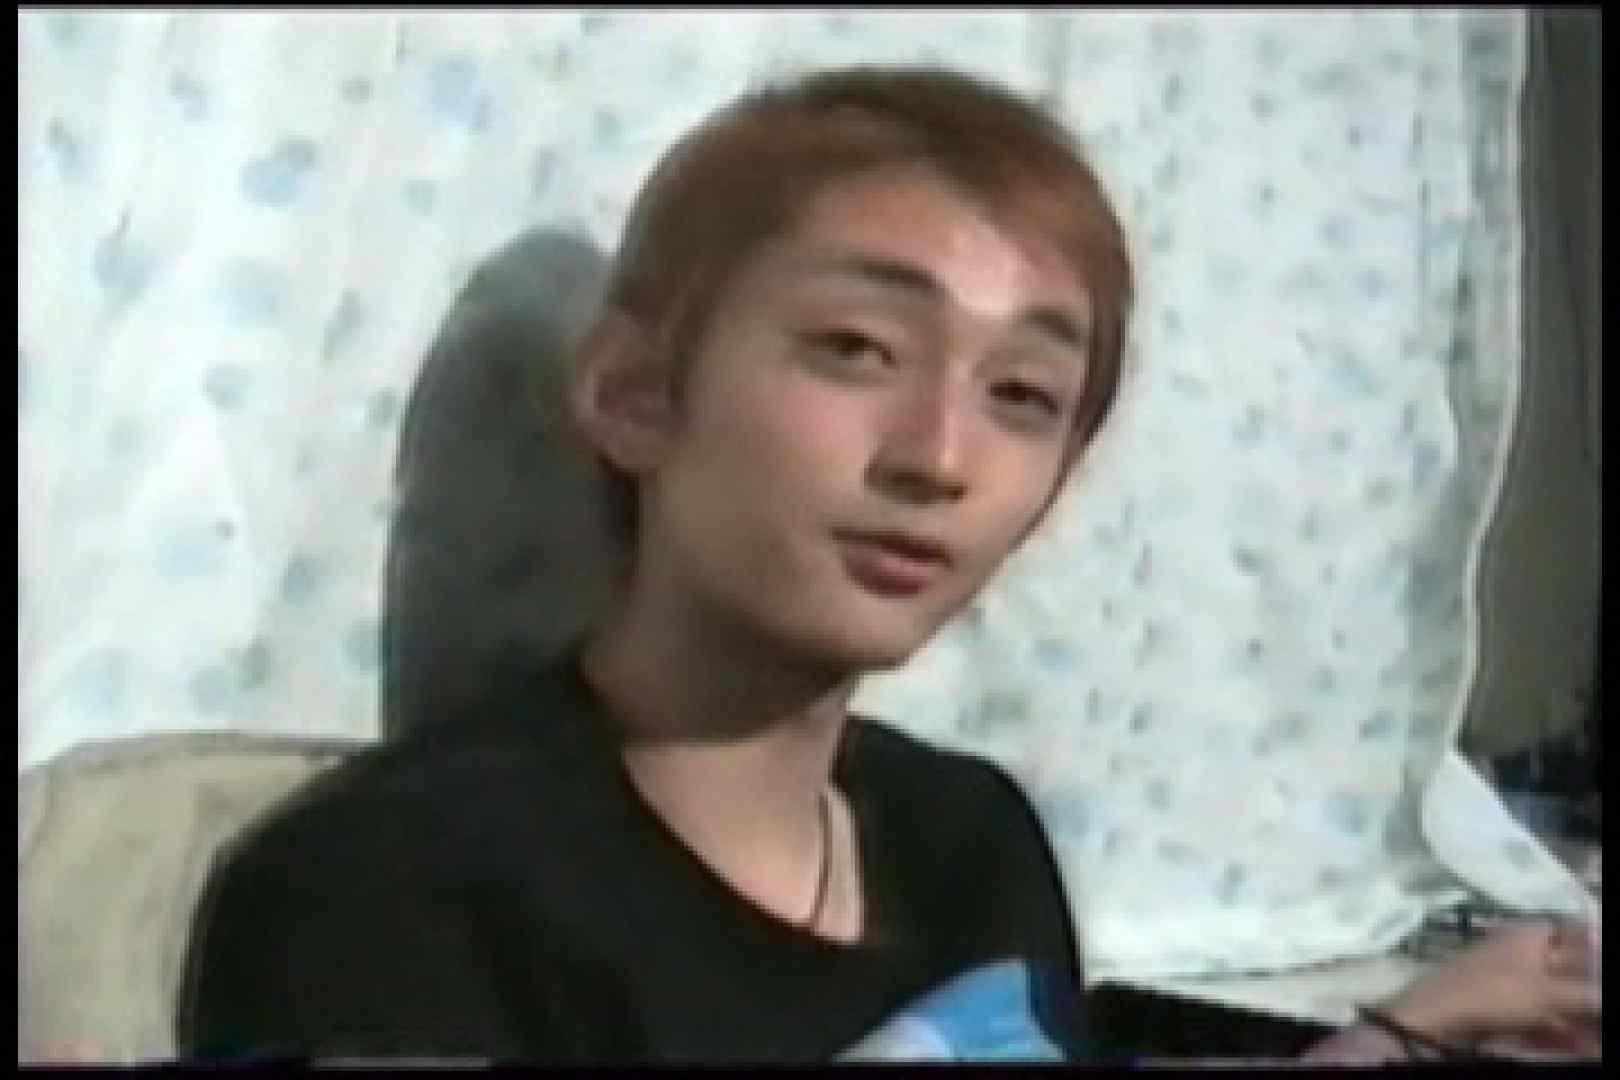 【流出】アイドルを目指したジャニ系イケメンの過去 イケメンパラダイス ケツマンスケベ画像 72pic 42